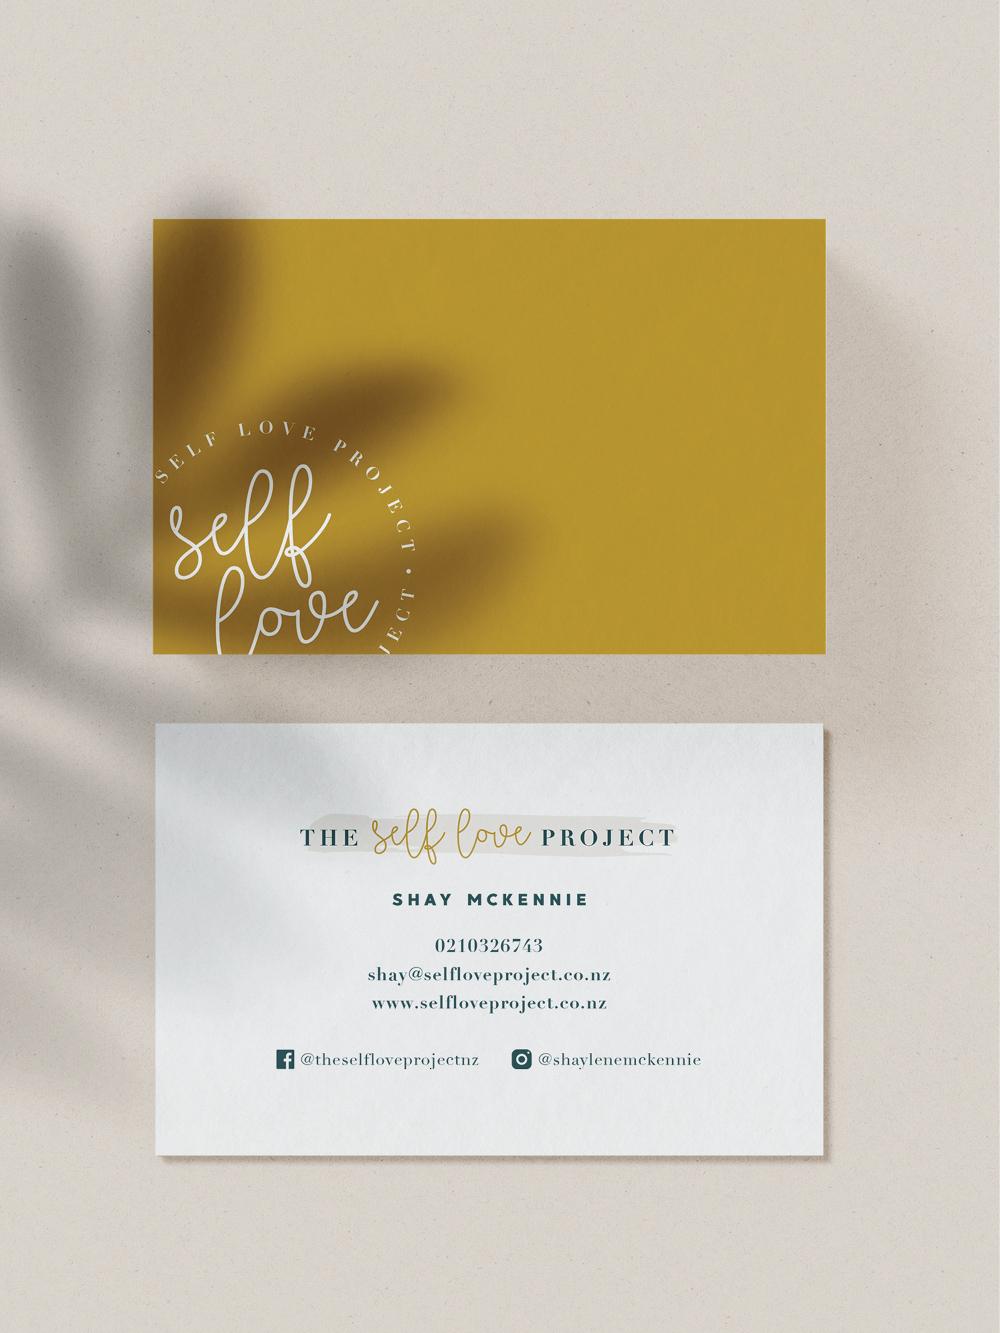 SelfLoveClub_LeahSylviaCreative.jpg